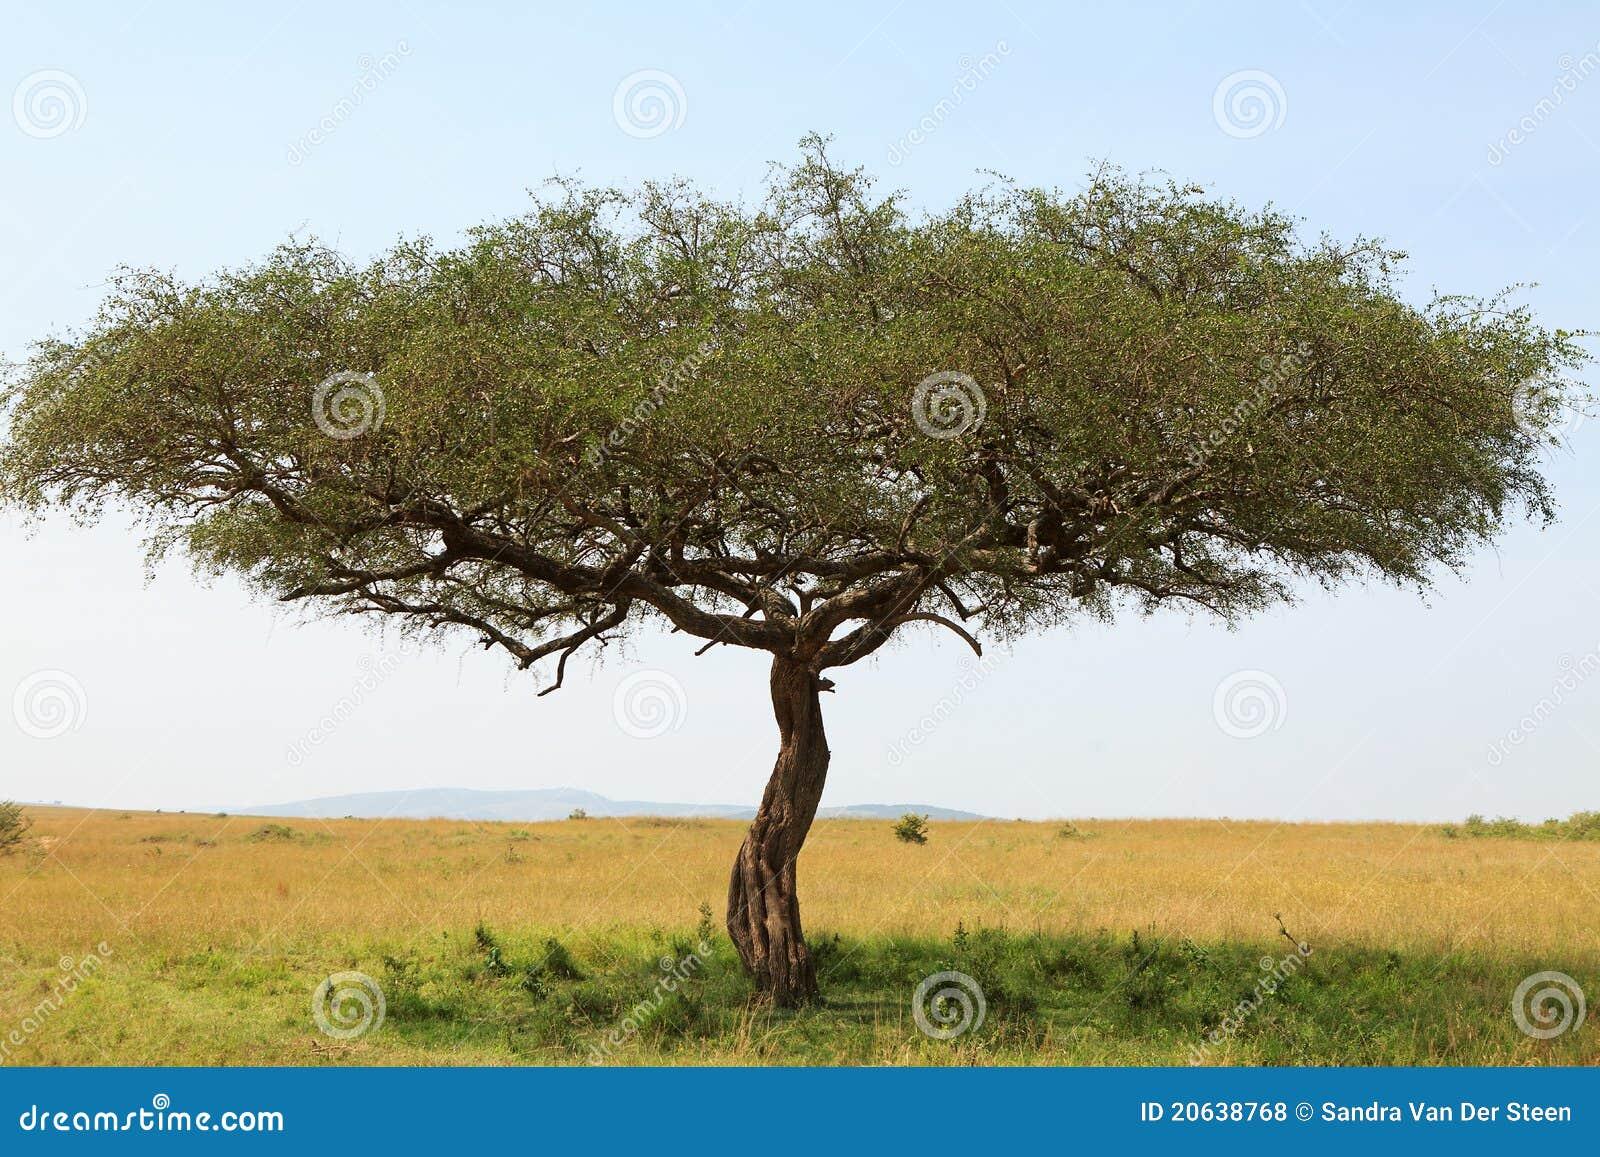 Rbol del acacia en frica foto de archivo imagen de for Arbol de fotos manual